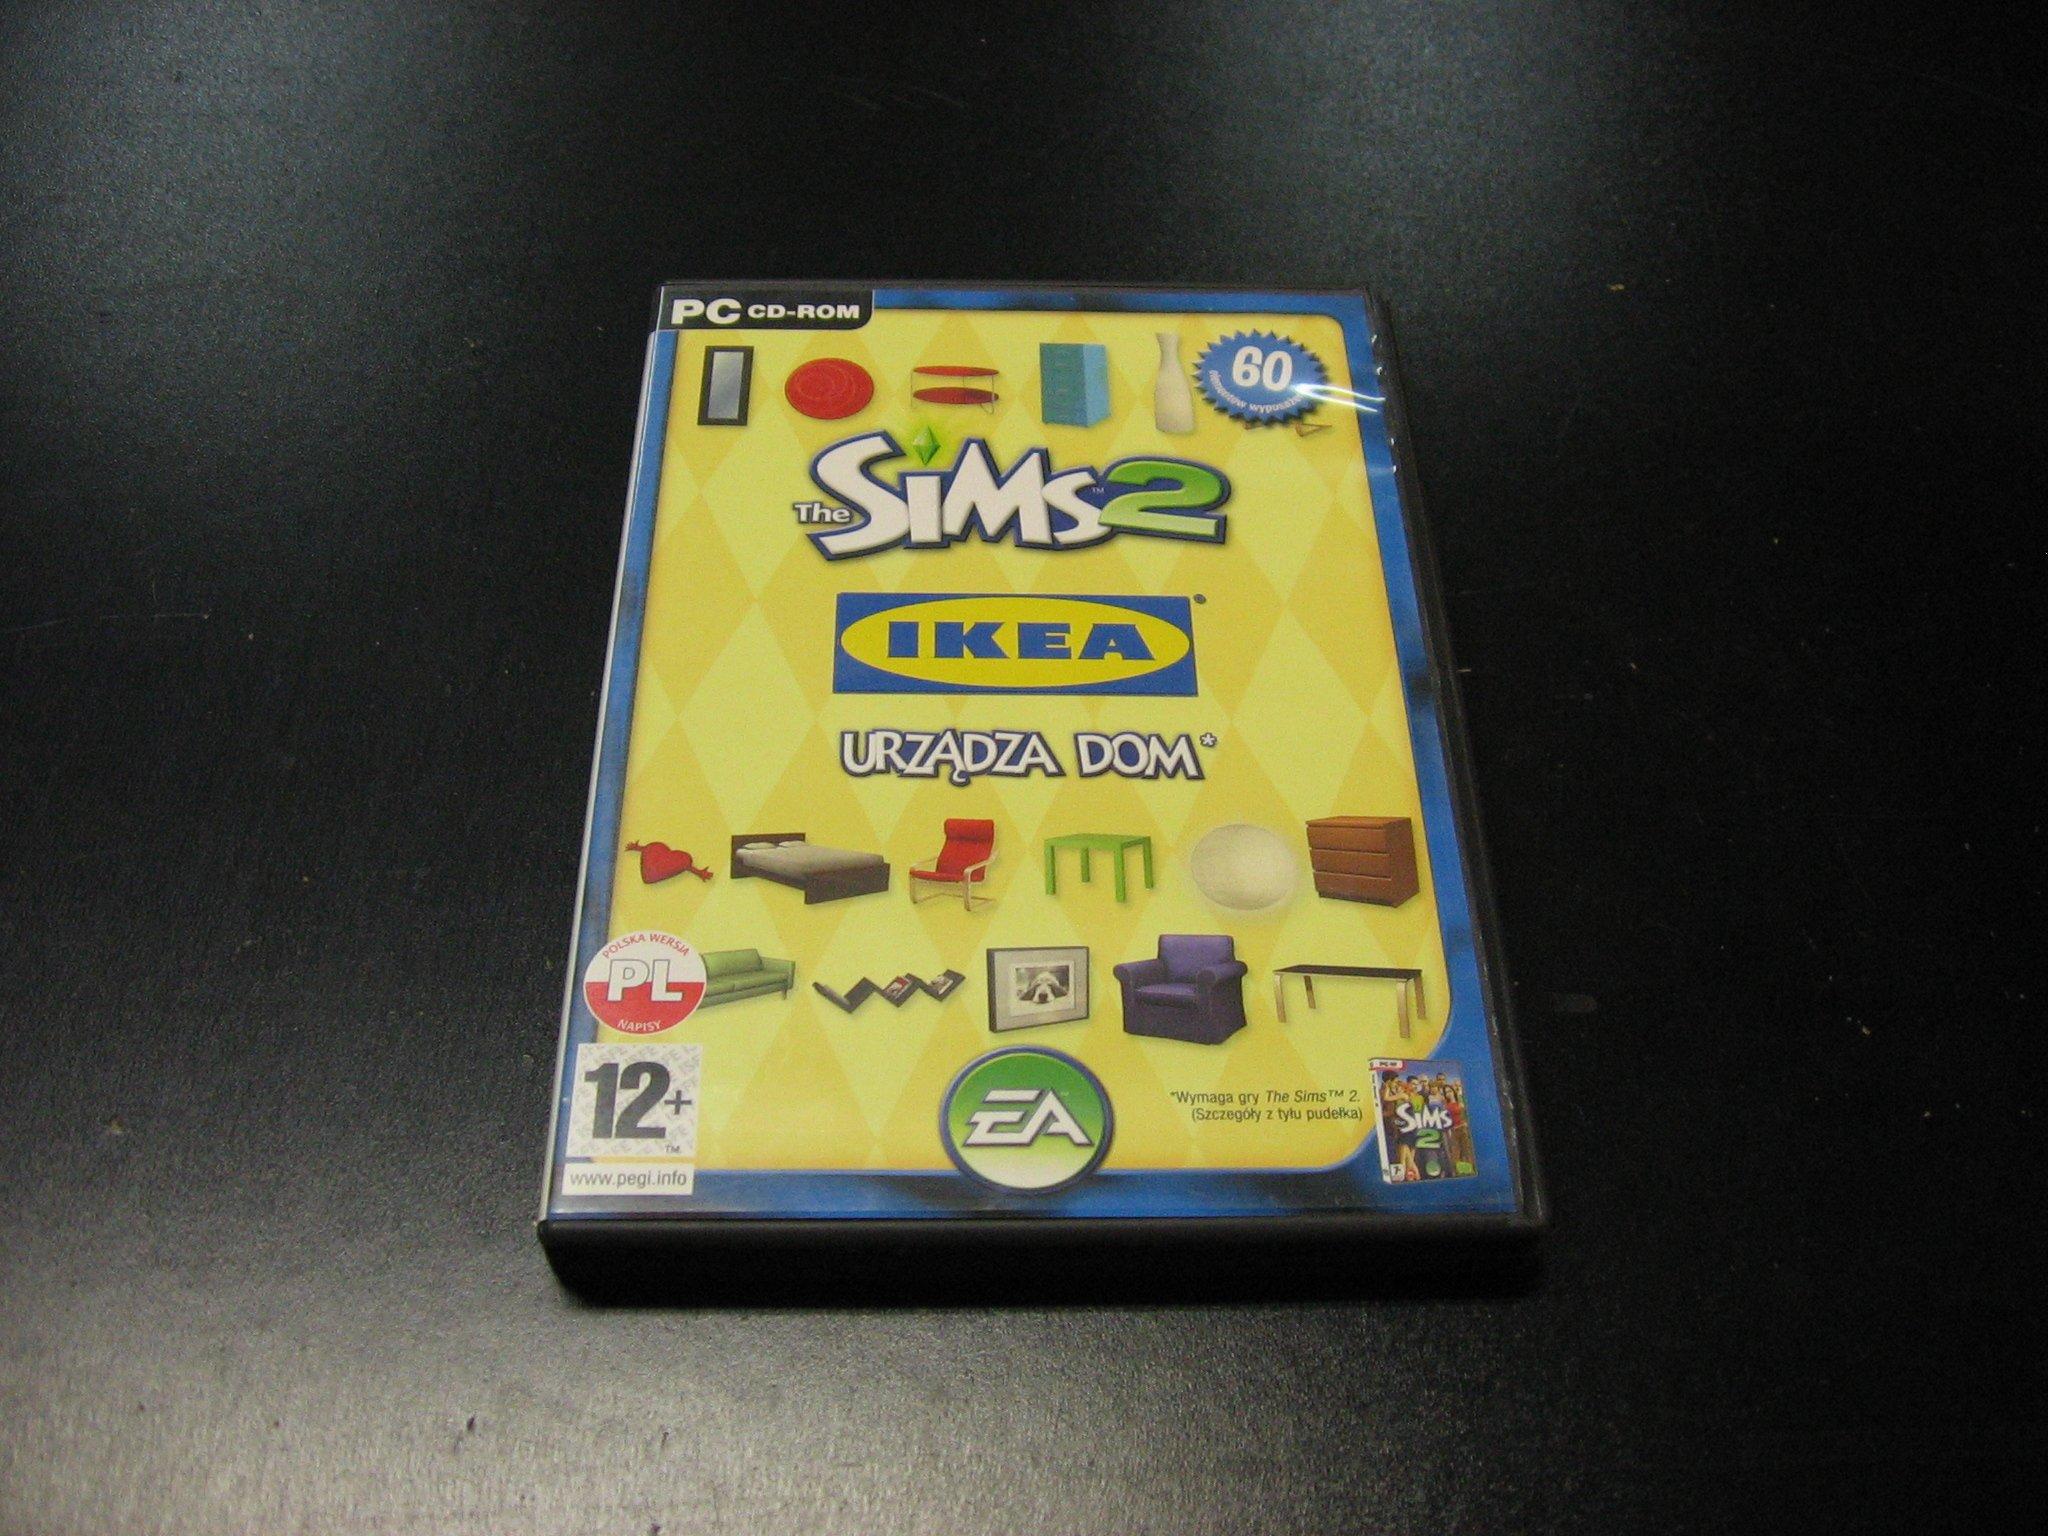 Akcesoria The Sims 2 Ikea urządza dom PL - GRA PC Sklep